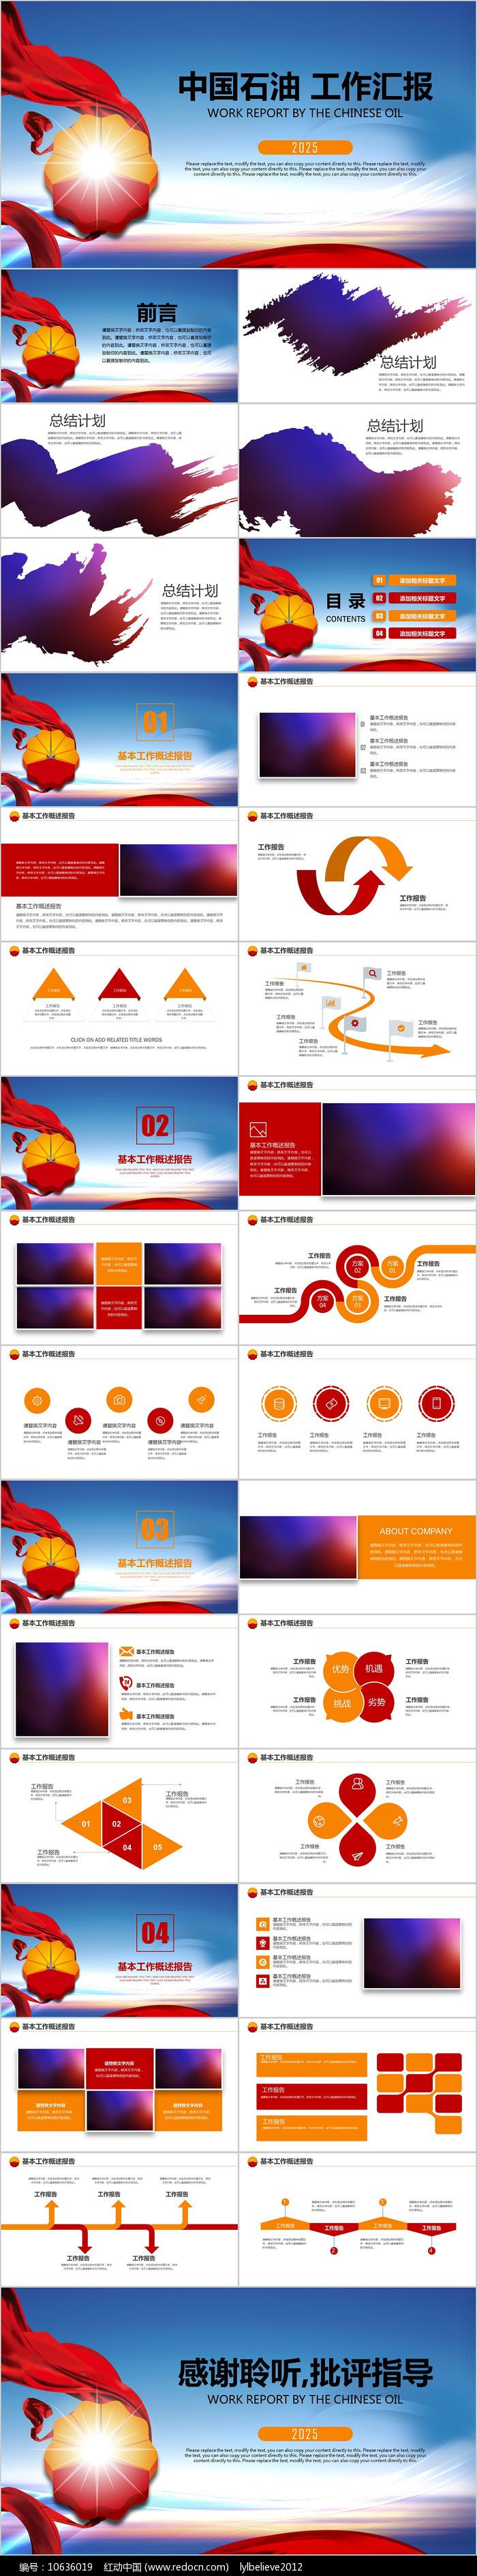 商务简约中国石油石化工作汇报PPT模板图片